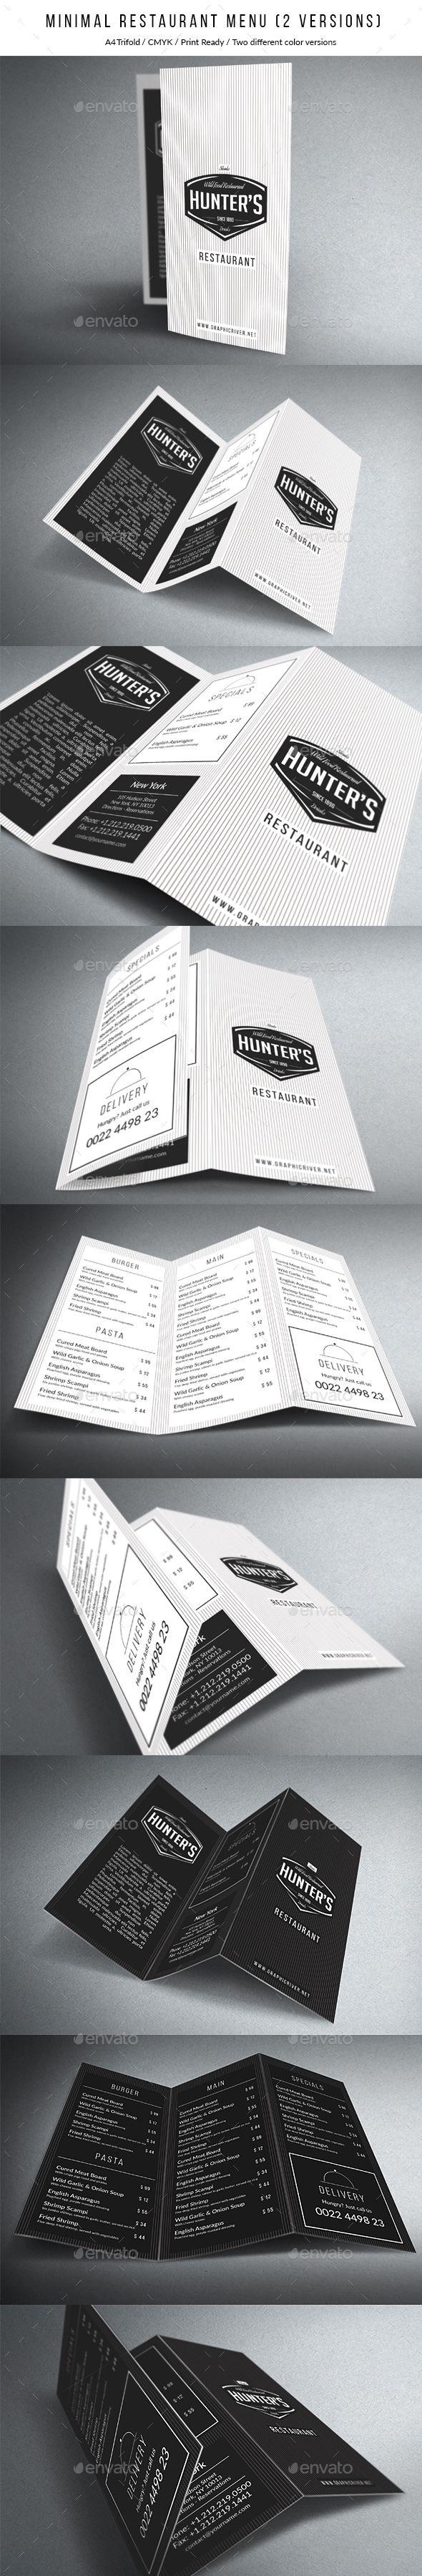 White apron menu warrington - Minimal A4 Trifold Menu 2 Versions